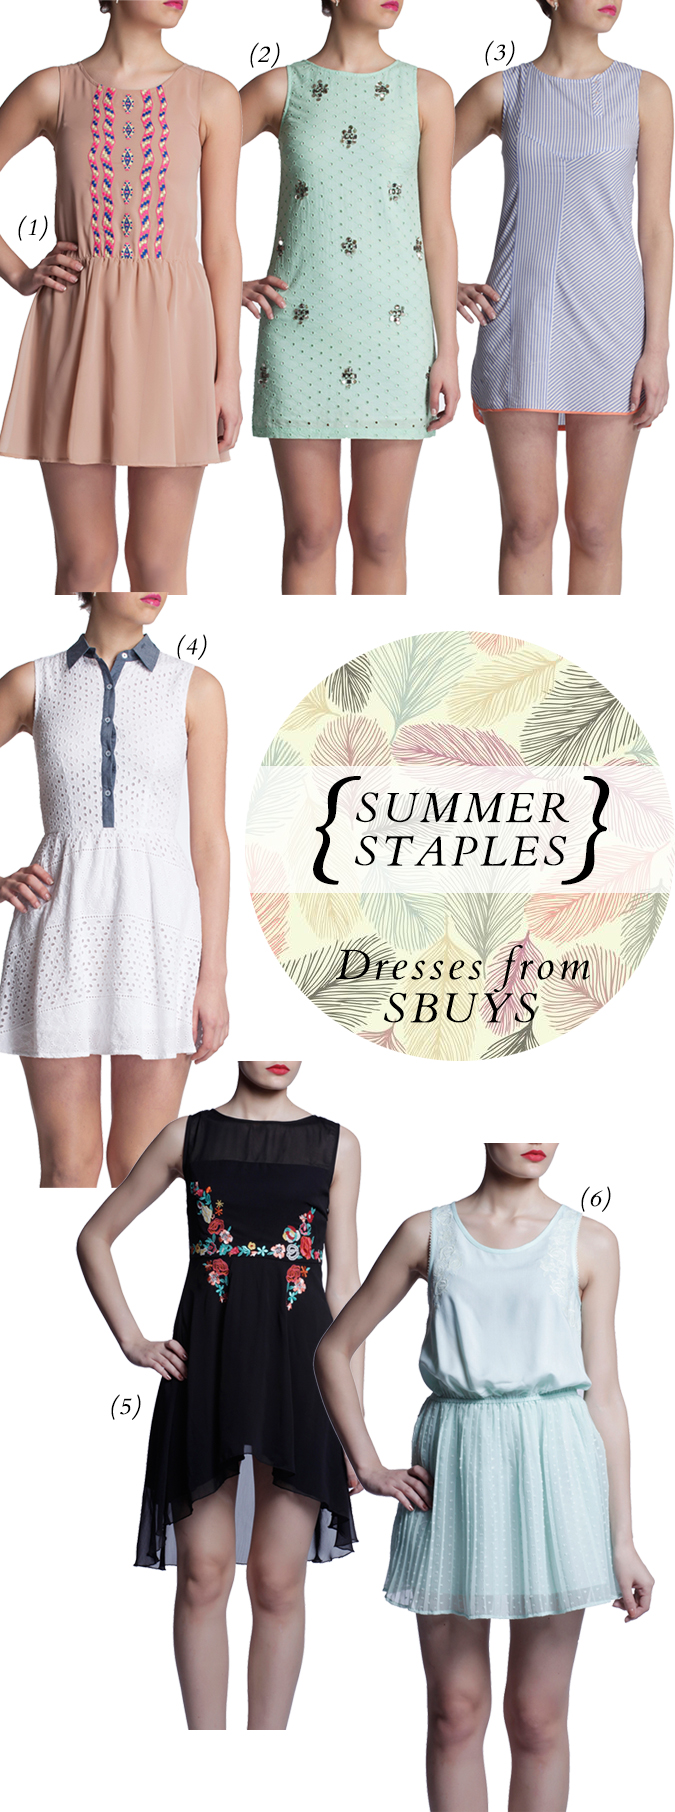 Summer Staples | Dresses | SBUYS